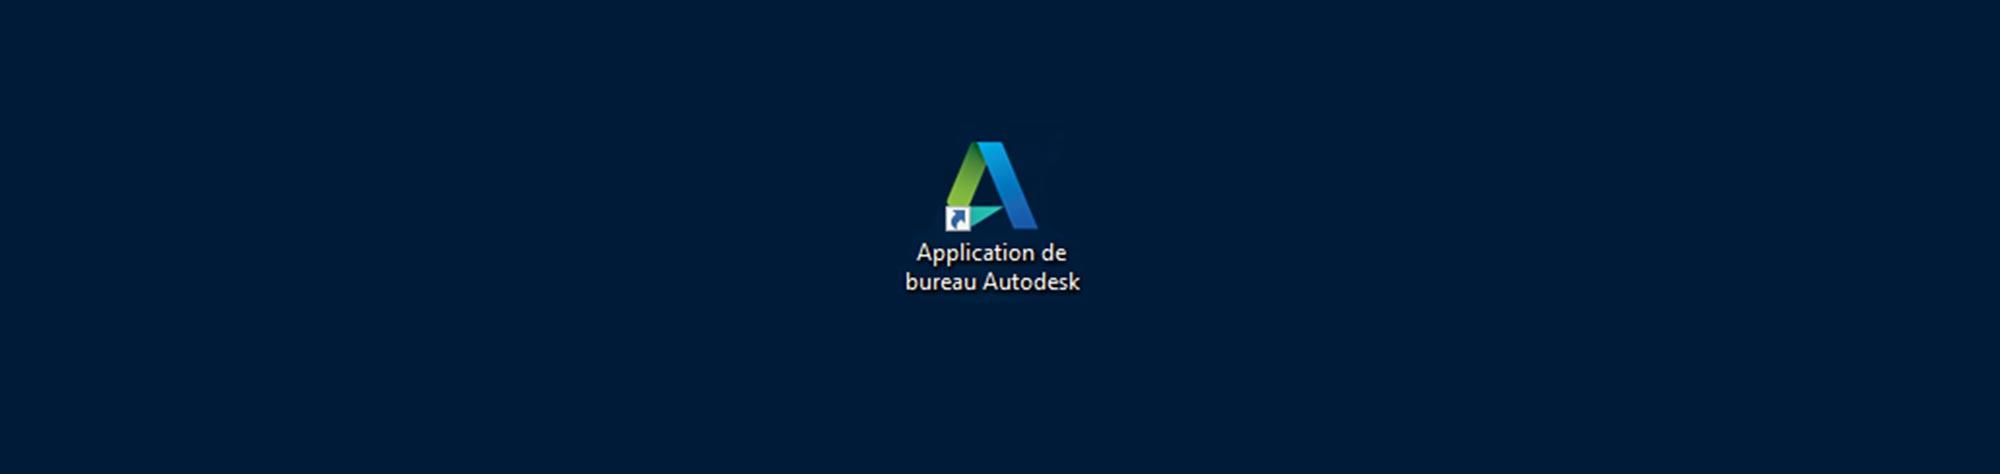 Application de bureau Autodesk